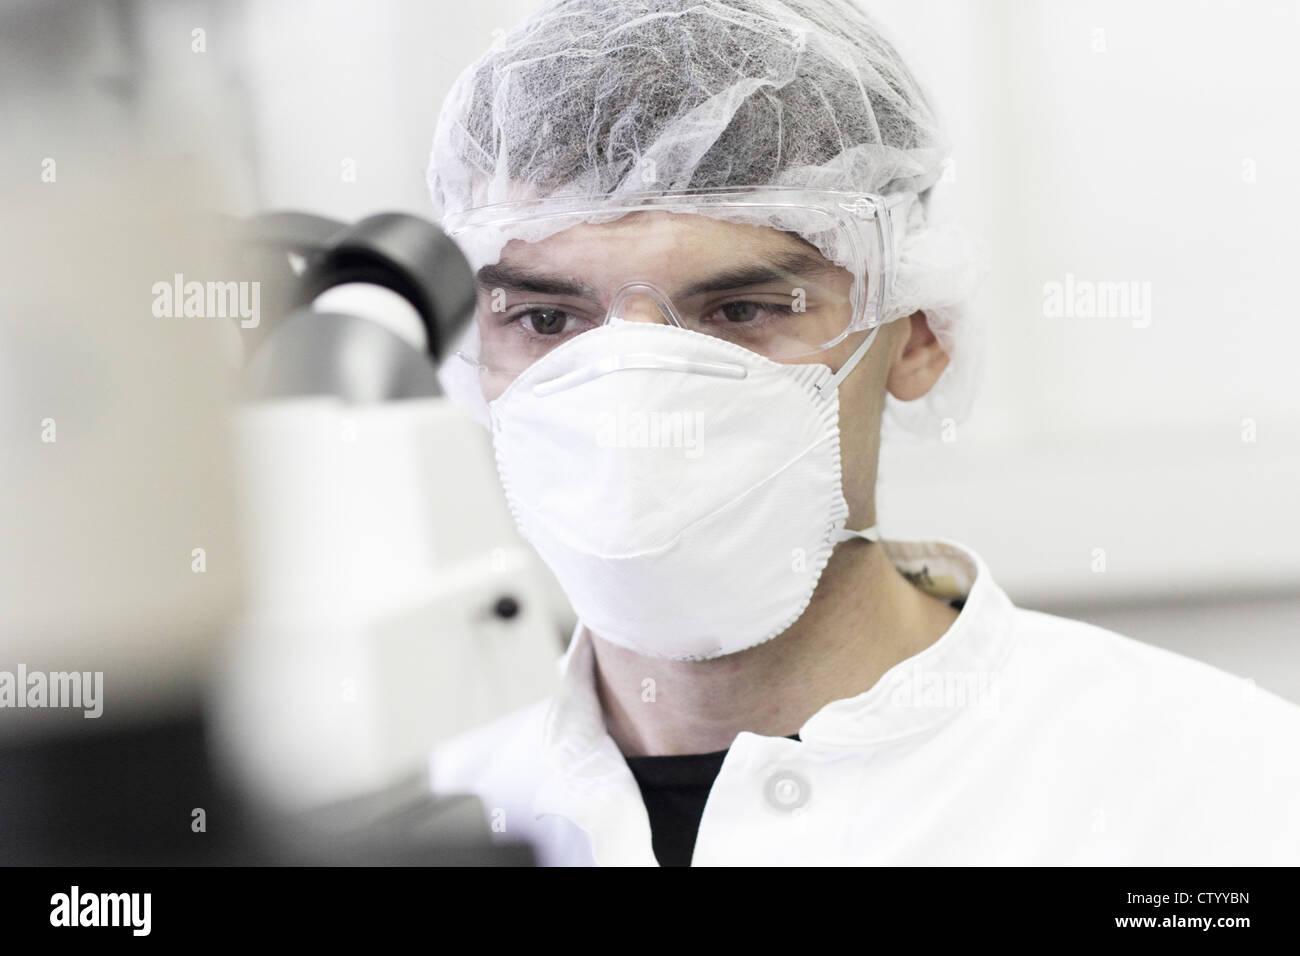 Le port de masque dans le laboratoire scientifique Photo Stock